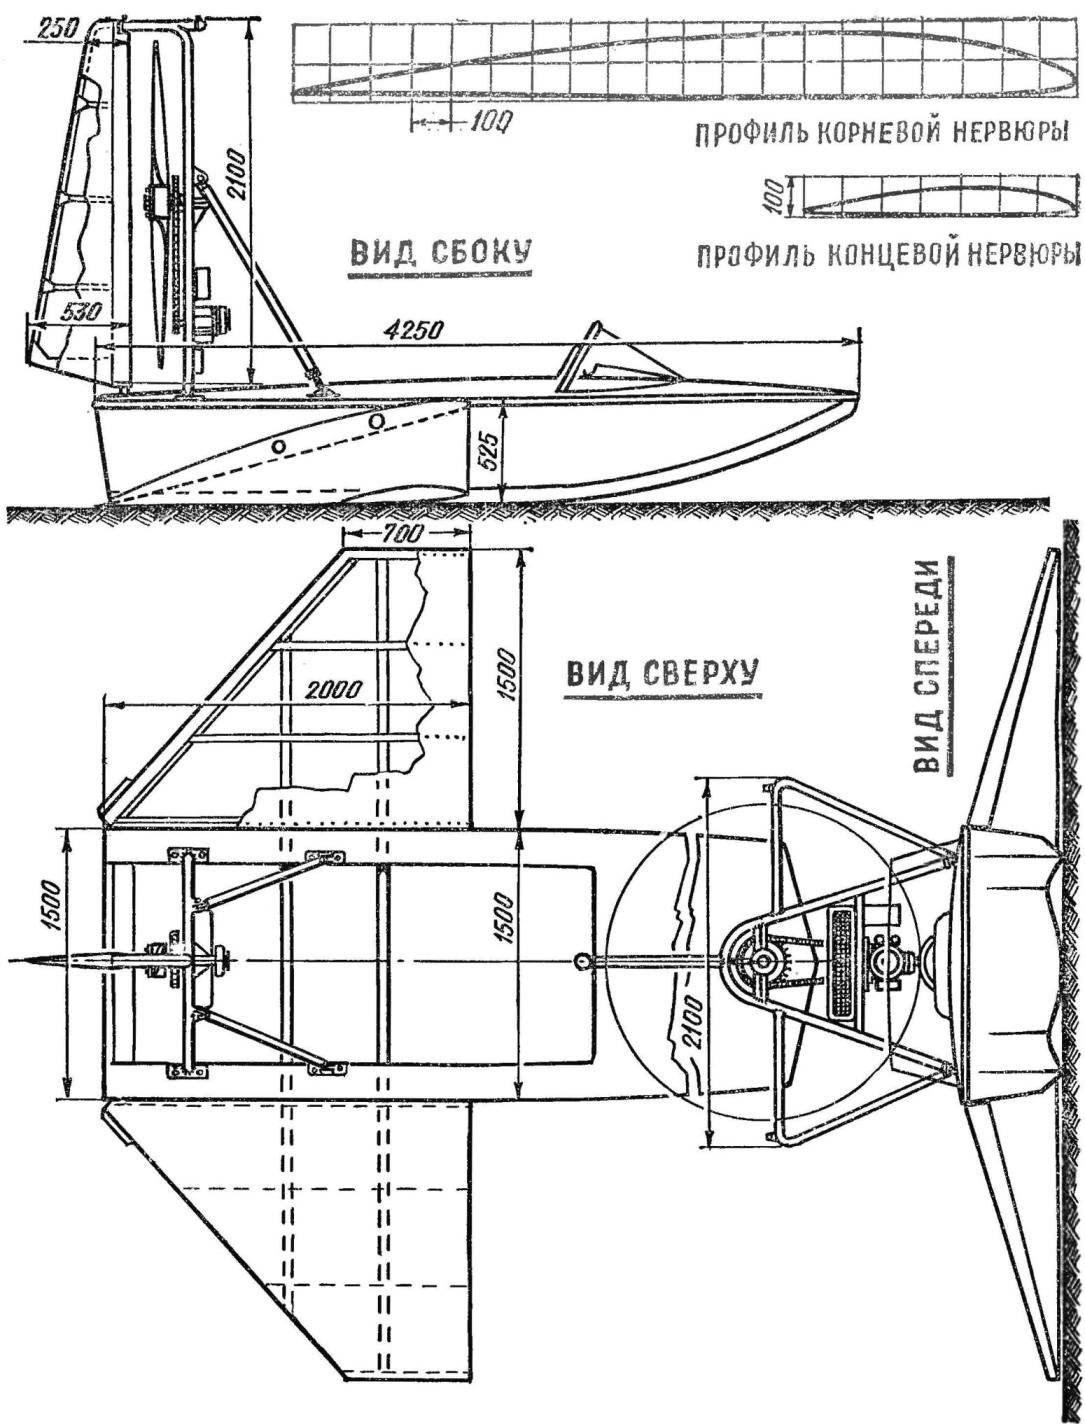 Рис. 2. Лодка на крыльях.